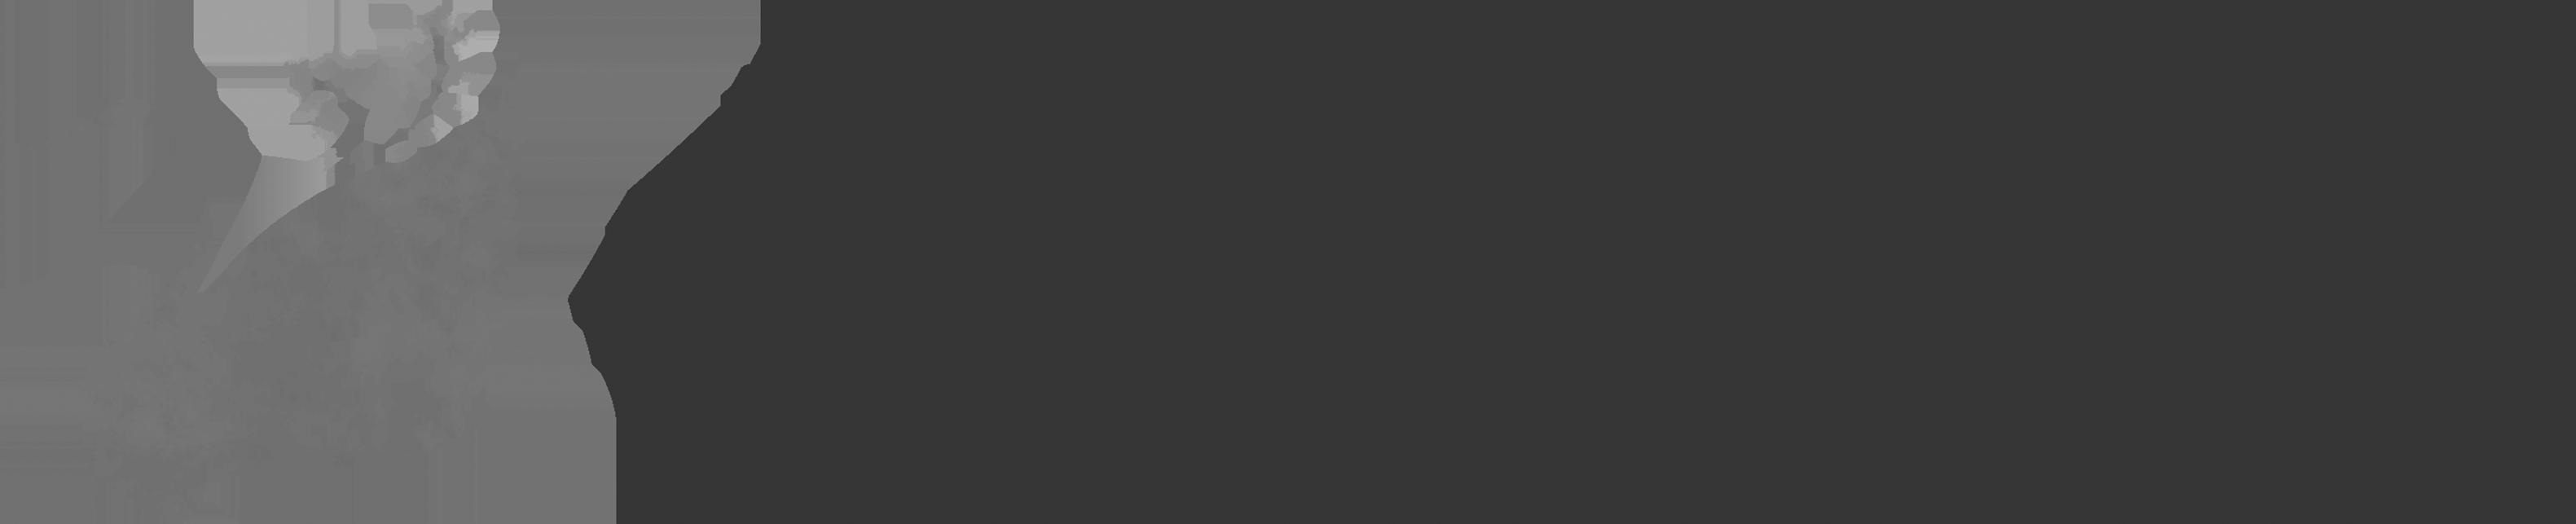 hakucho_type3_b